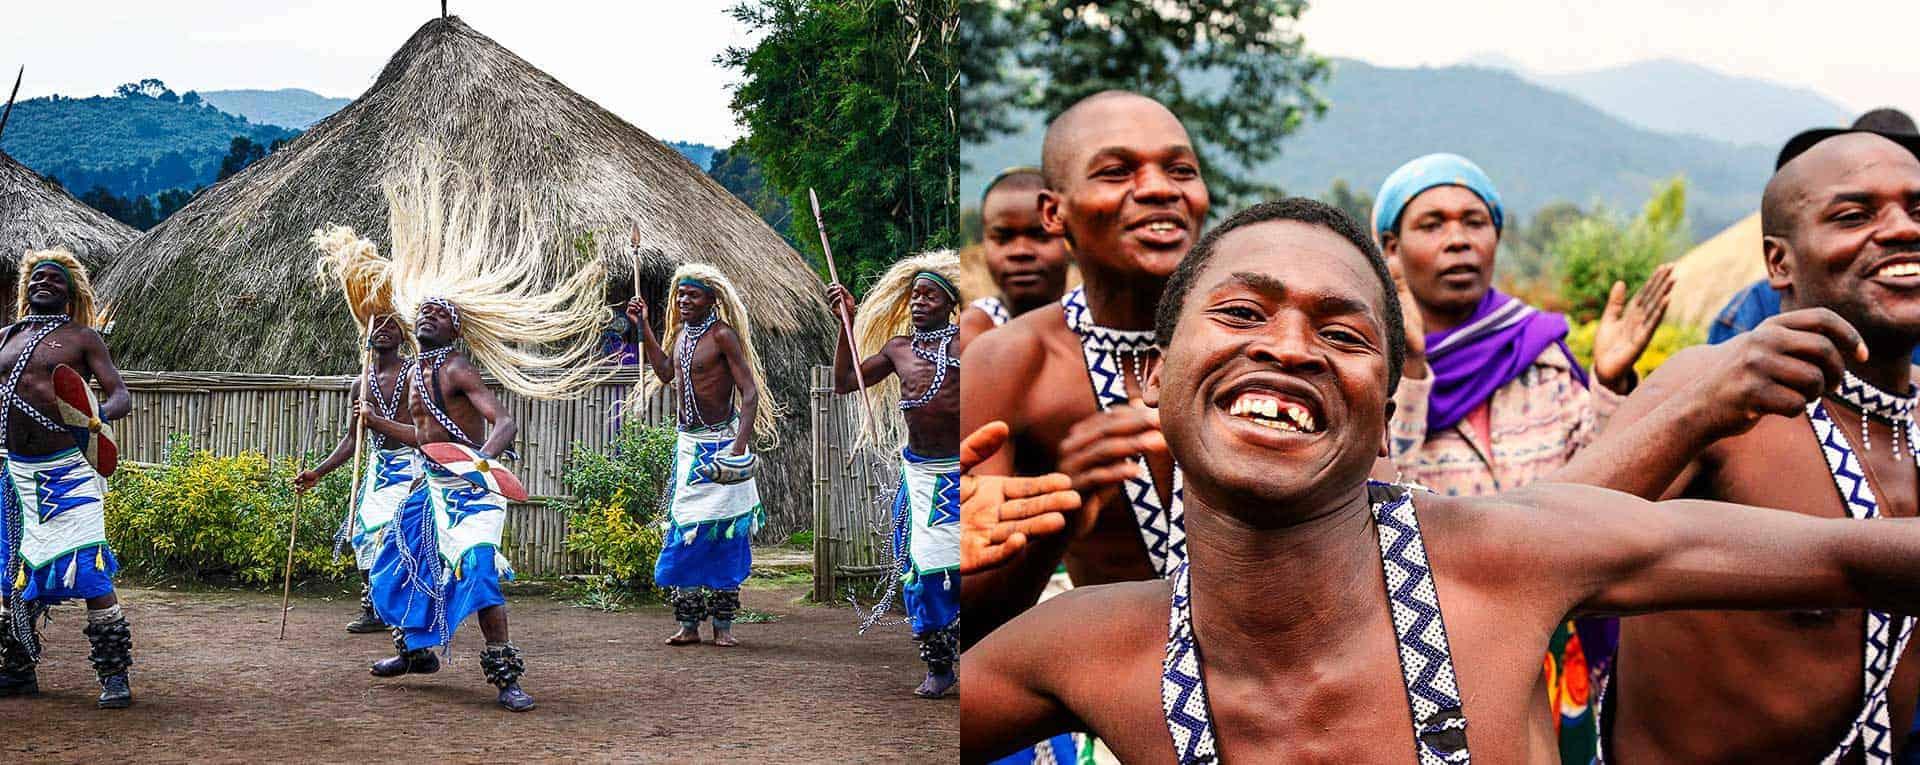 rwanda cultural safari